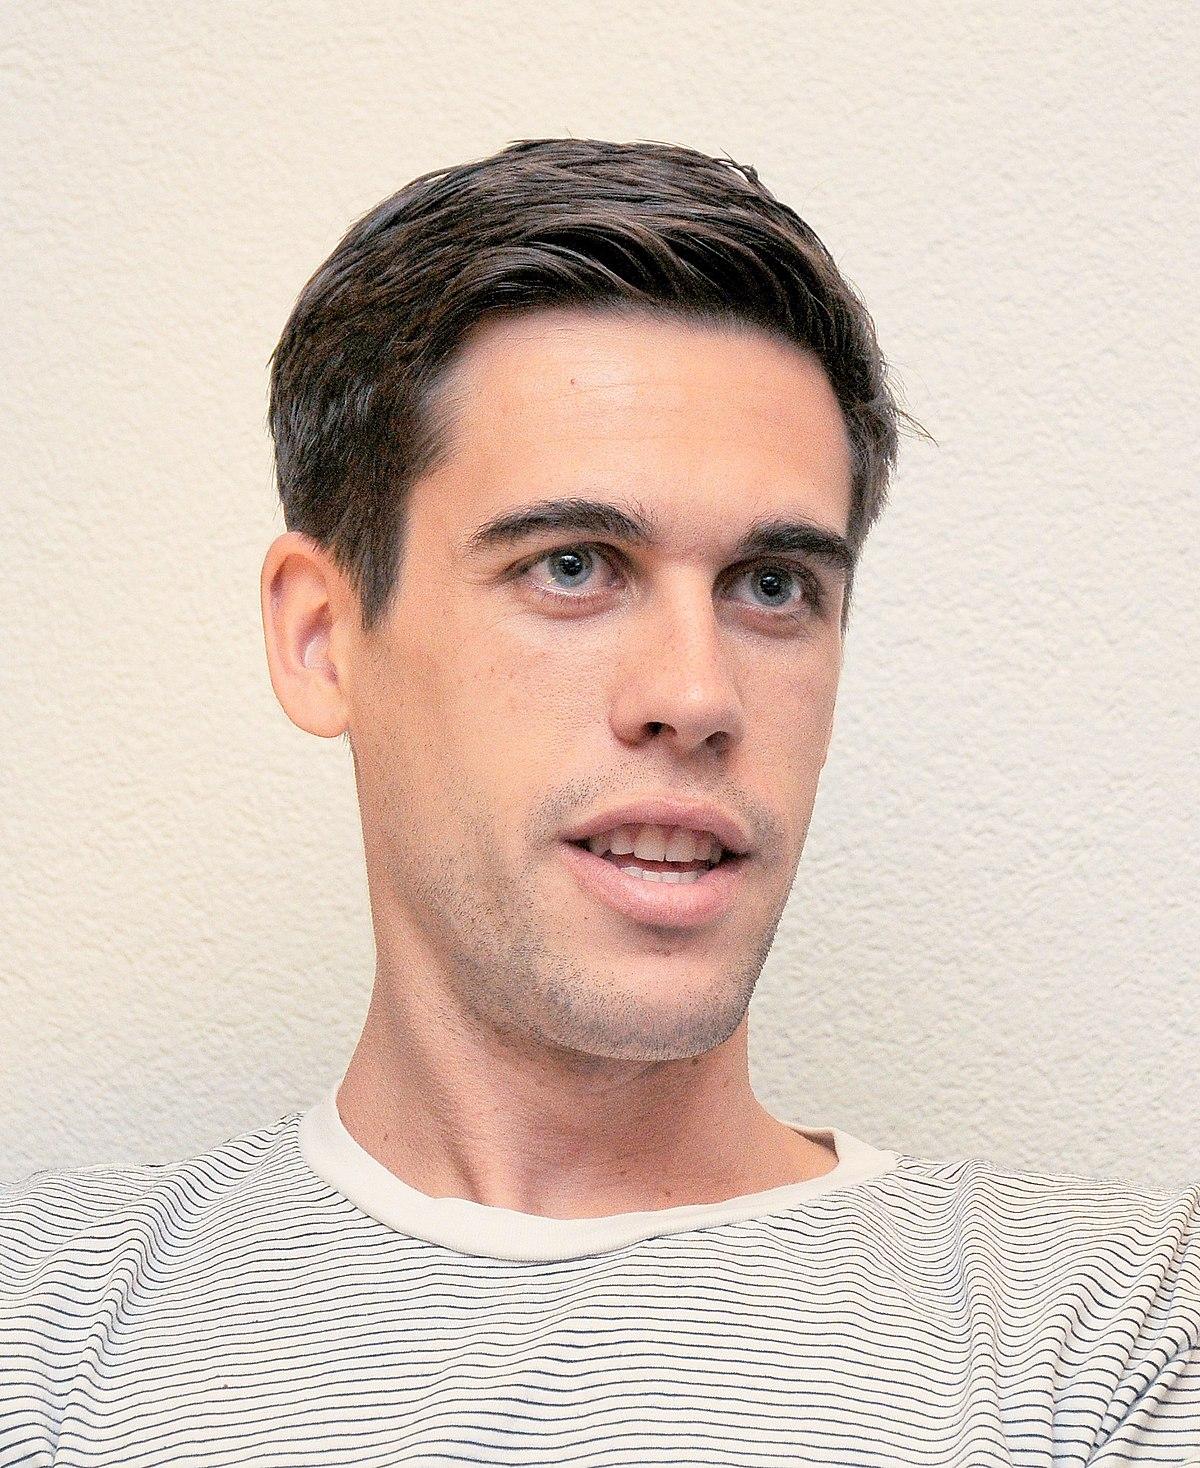 Ryan Holiday - Wikipedia